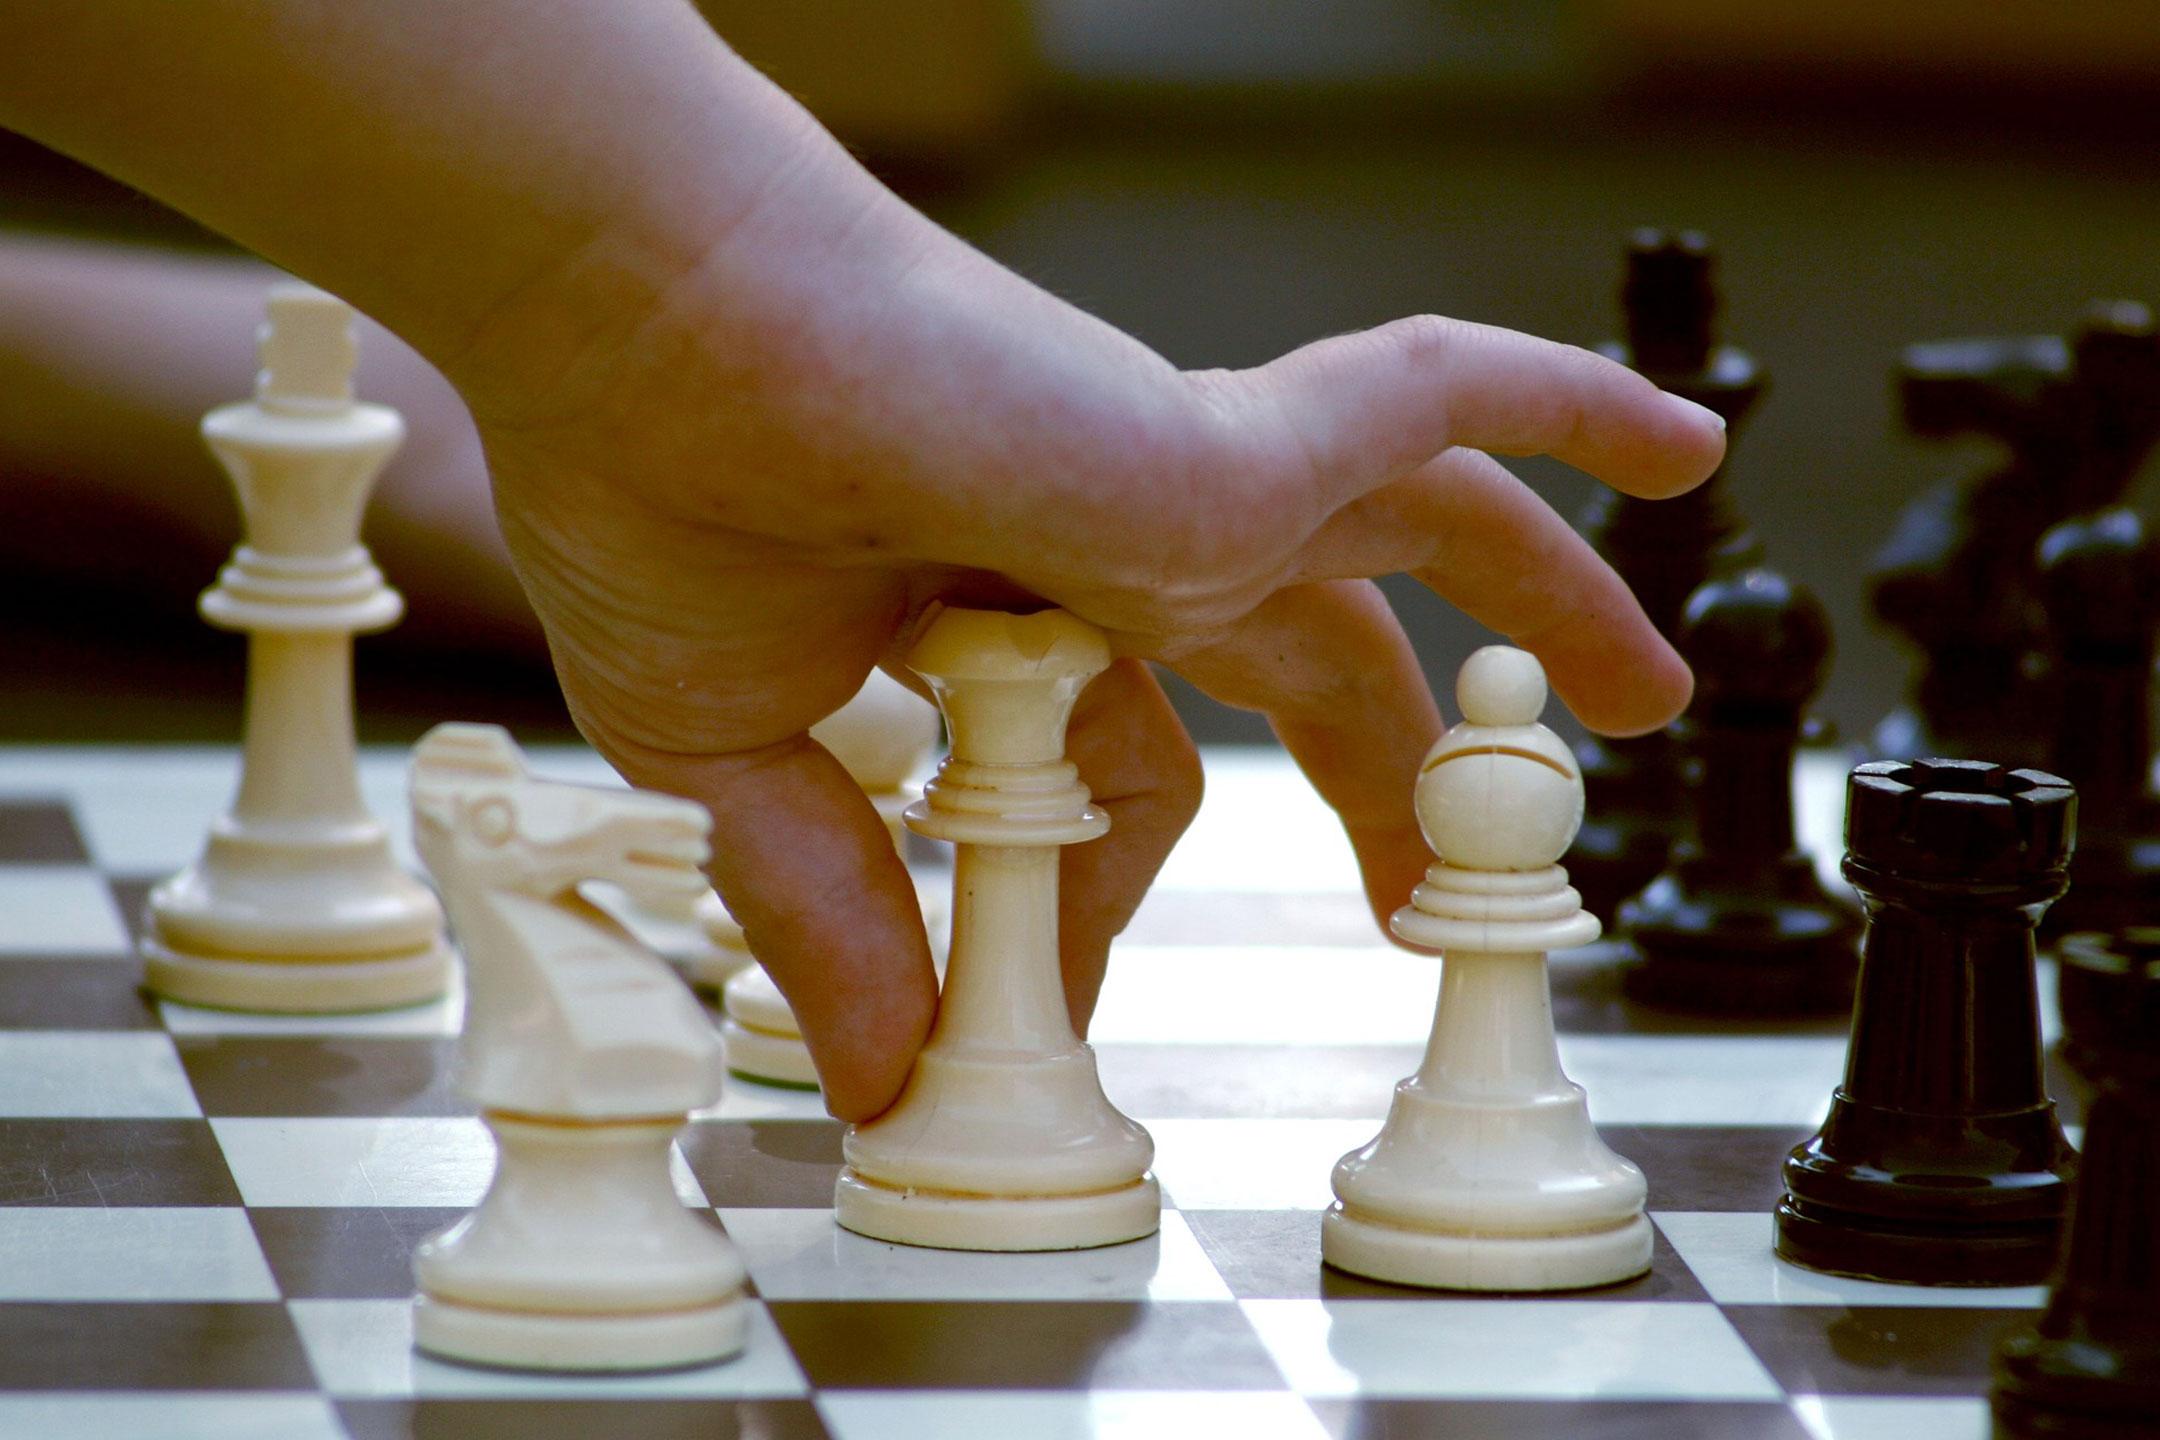 chess-childs-hand2160